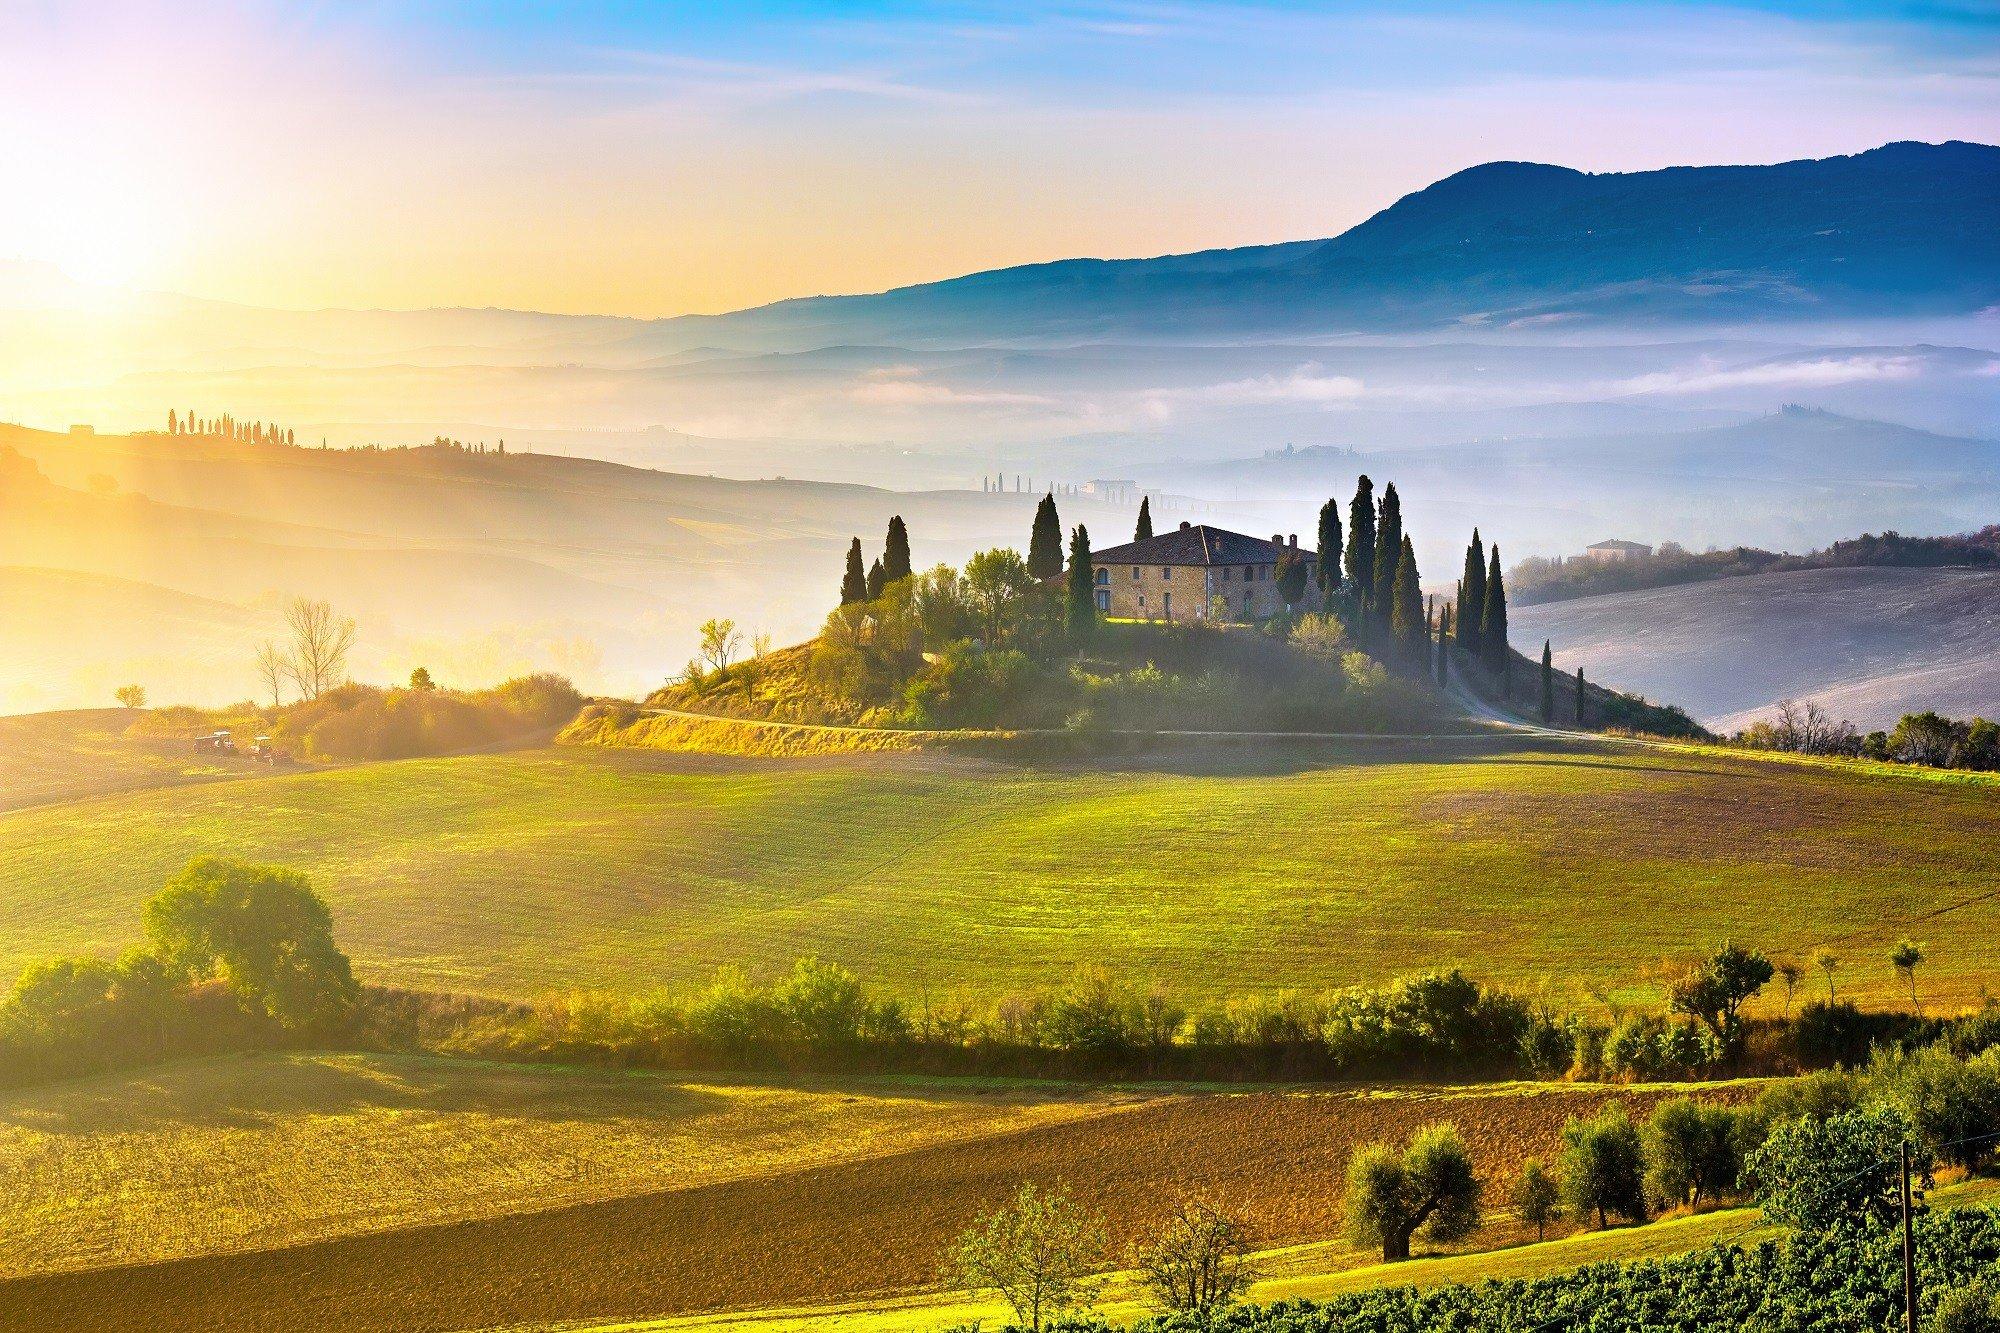 Dagaanbieding - 8, 11 of 15-daagse fly en drive door Toscane en Umbrië incl. vlucht en autohuur dagelijkse koopjes